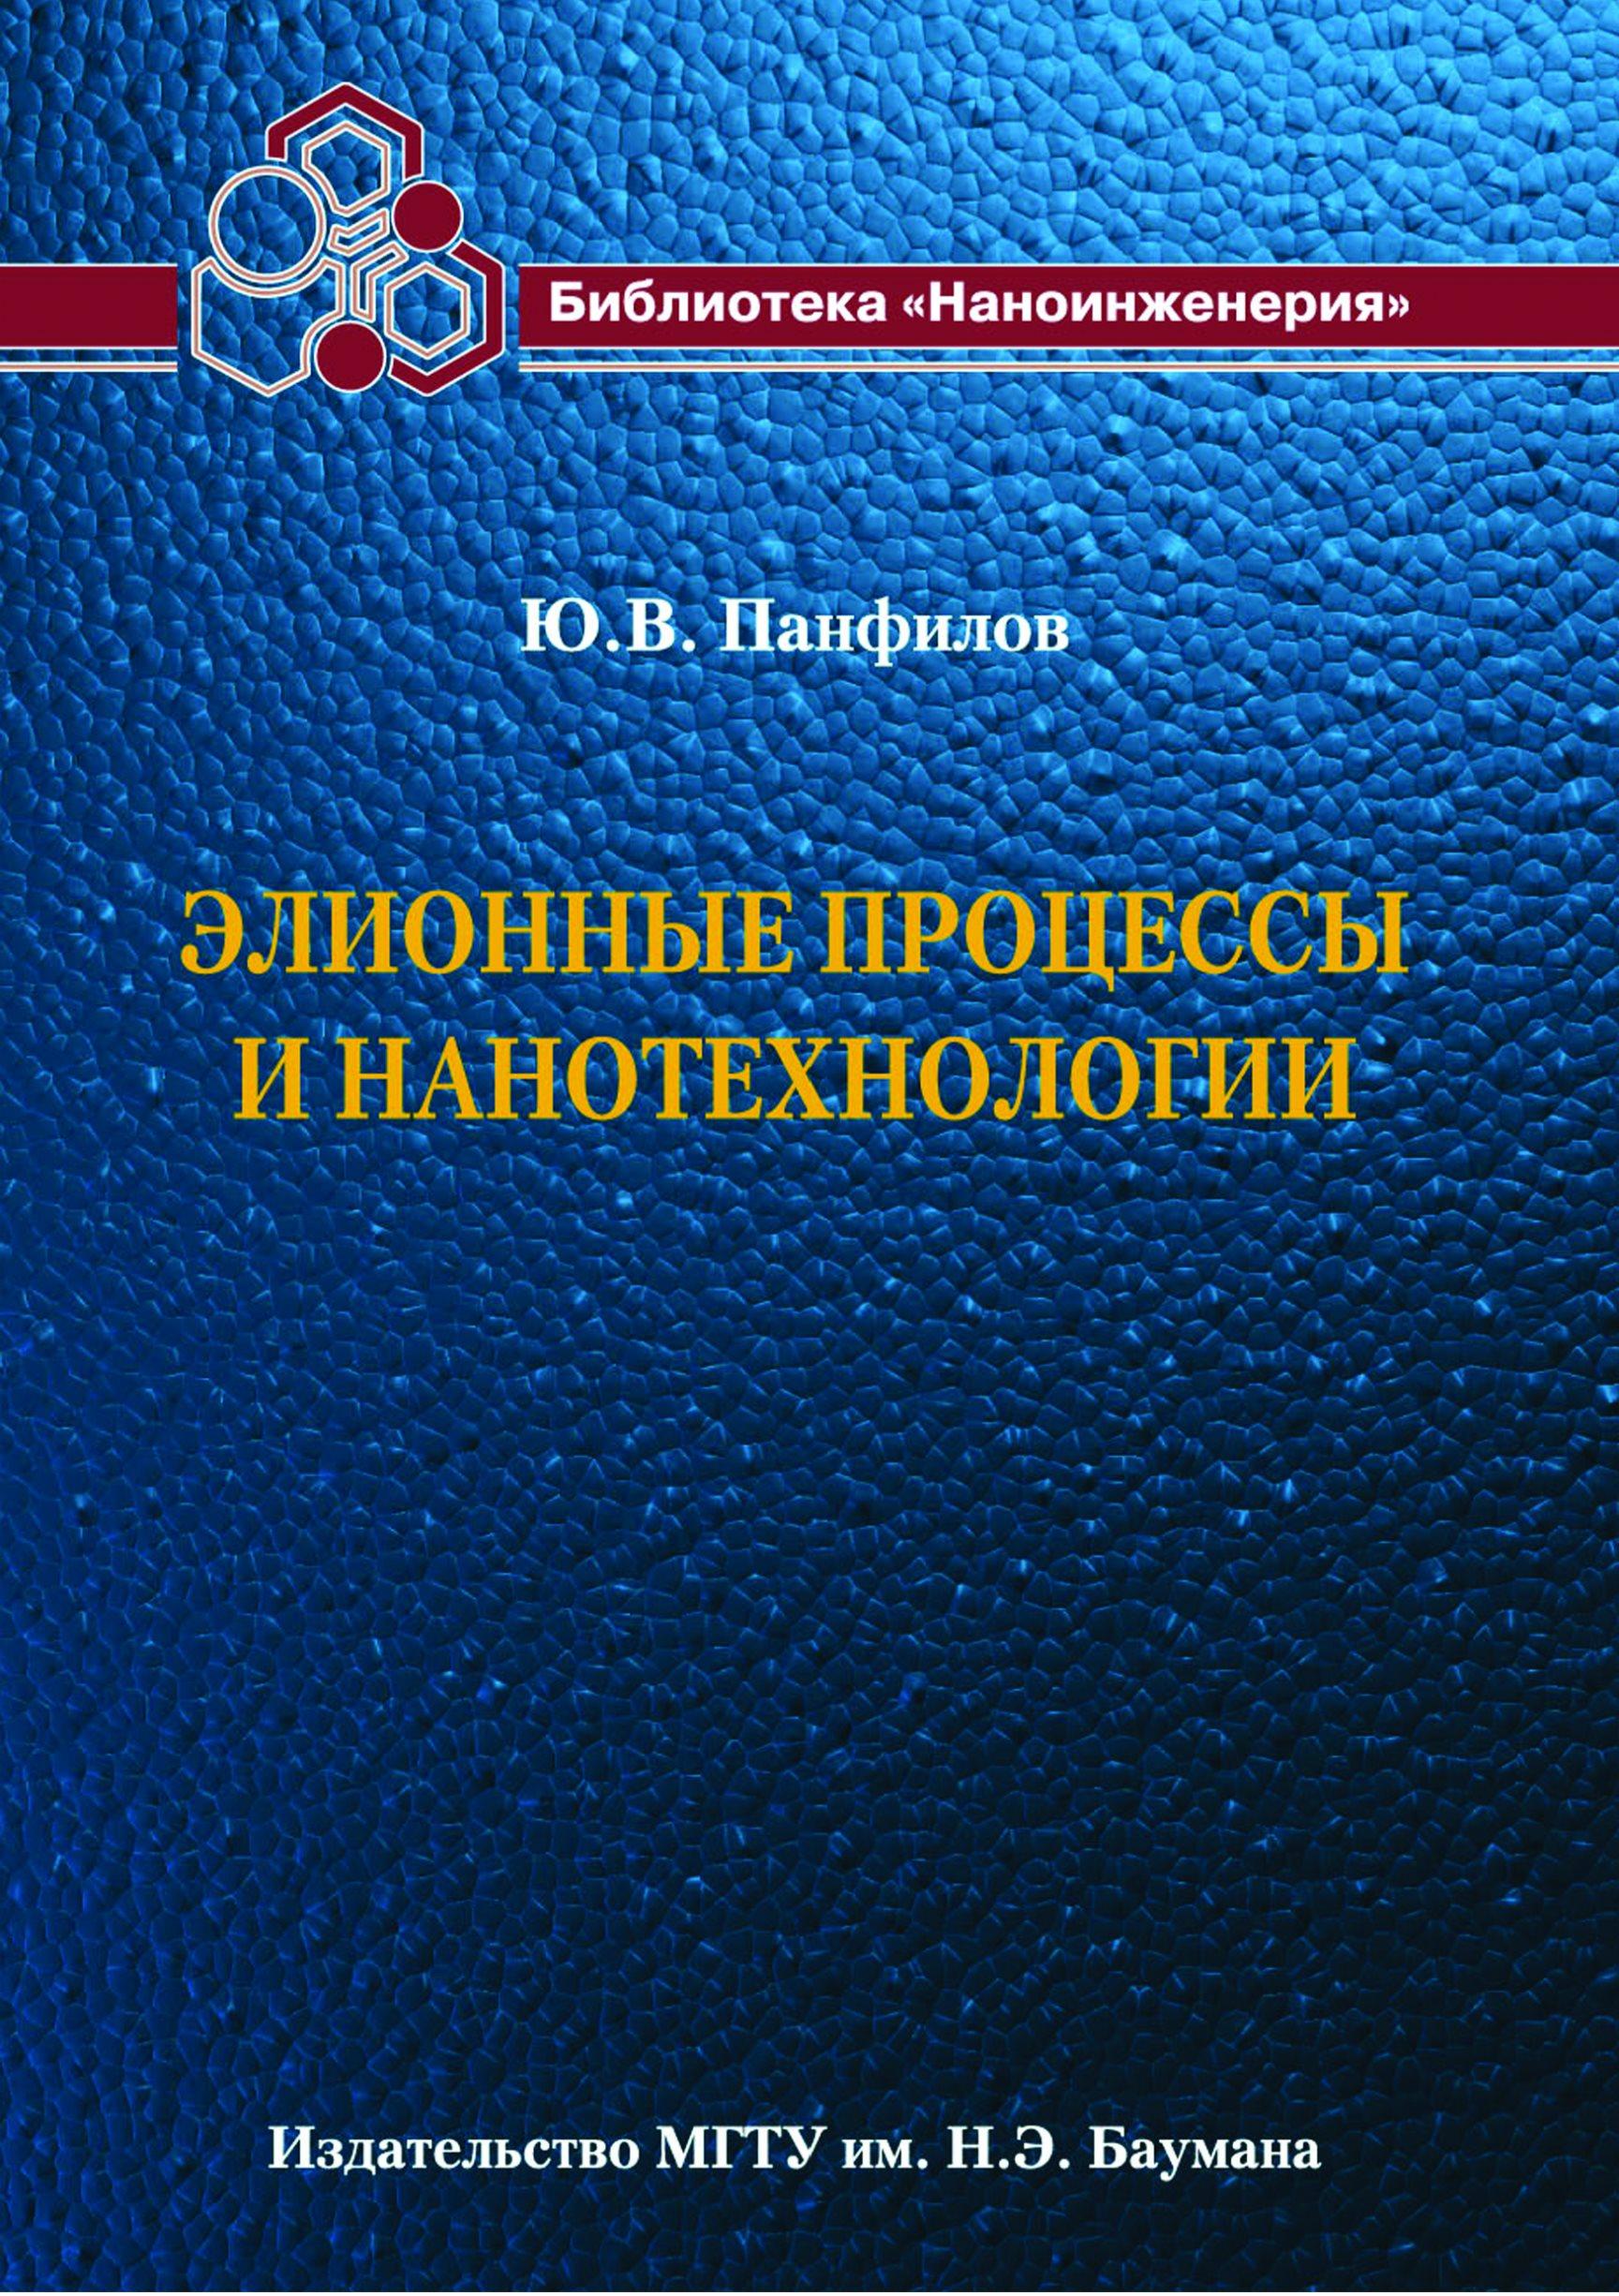 Юрий Панфилов Элионные процессы и нанотехнологии